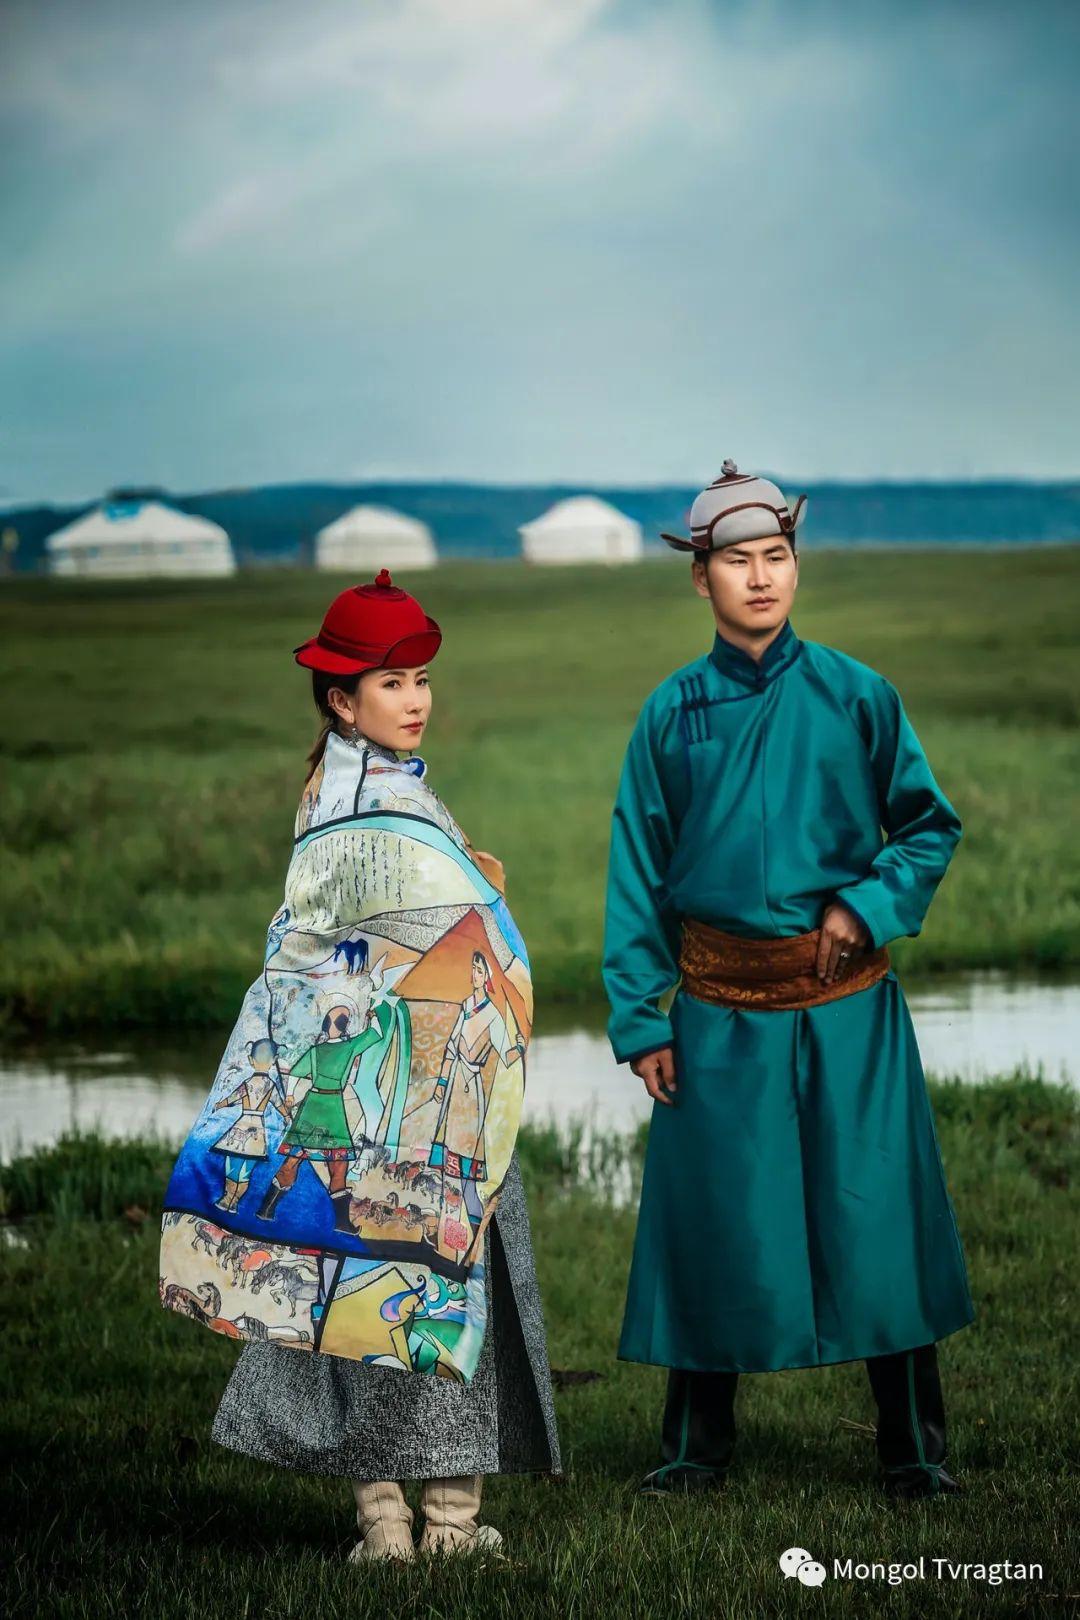 ᠰᠤᠳᠤᠨ ᠵᠢᠷᠤᠭᠯᠠᠯ 第18张 ᠰᠤᠳᠤᠨ ᠵᠢᠷᠤᠭᠯᠠᠯ 蒙古文化